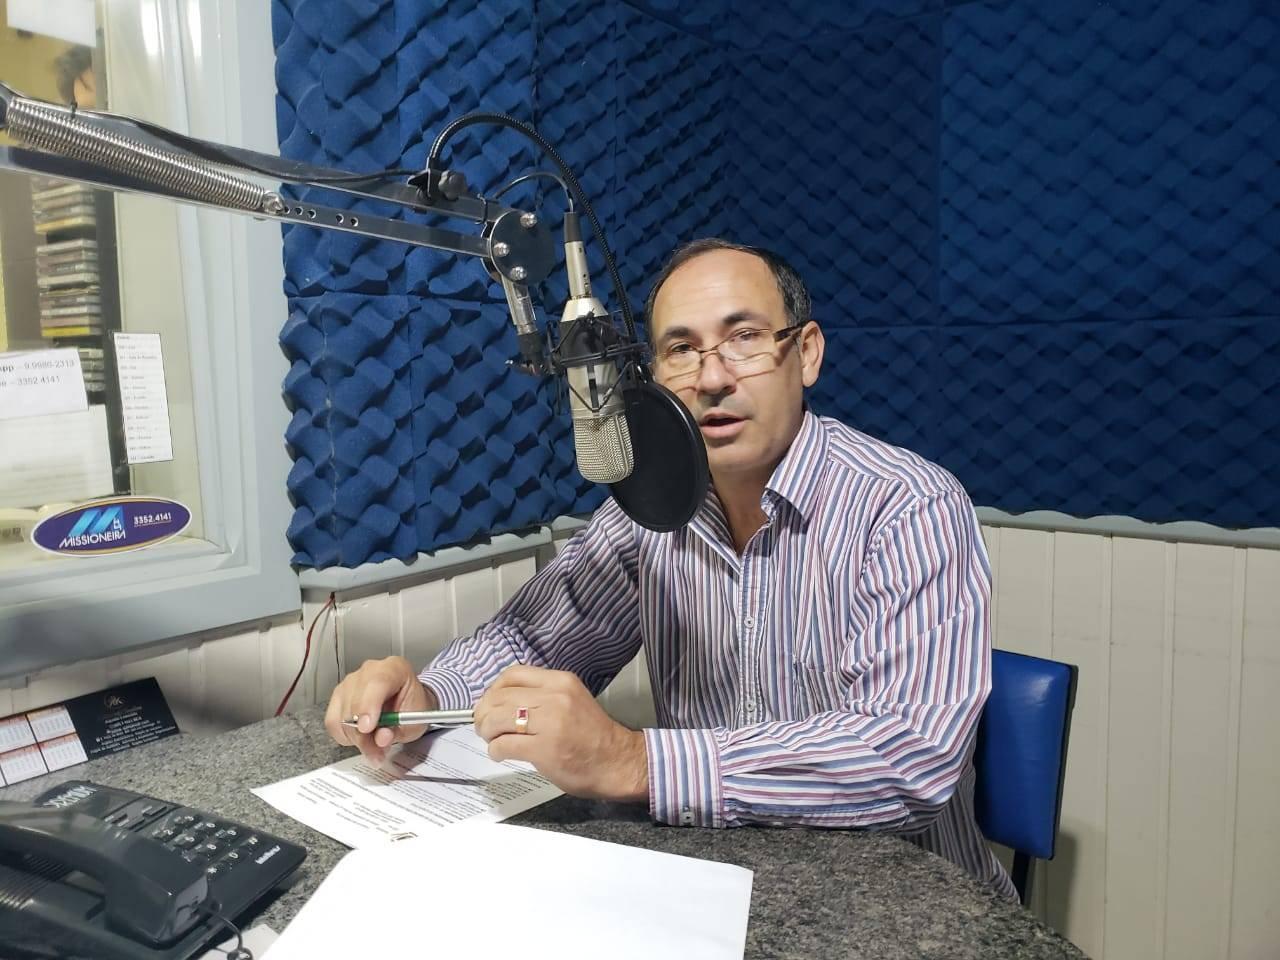 Presidente da Câmara de Vereadores de São Luiz Gonzaga comenta sobre sessão da semana